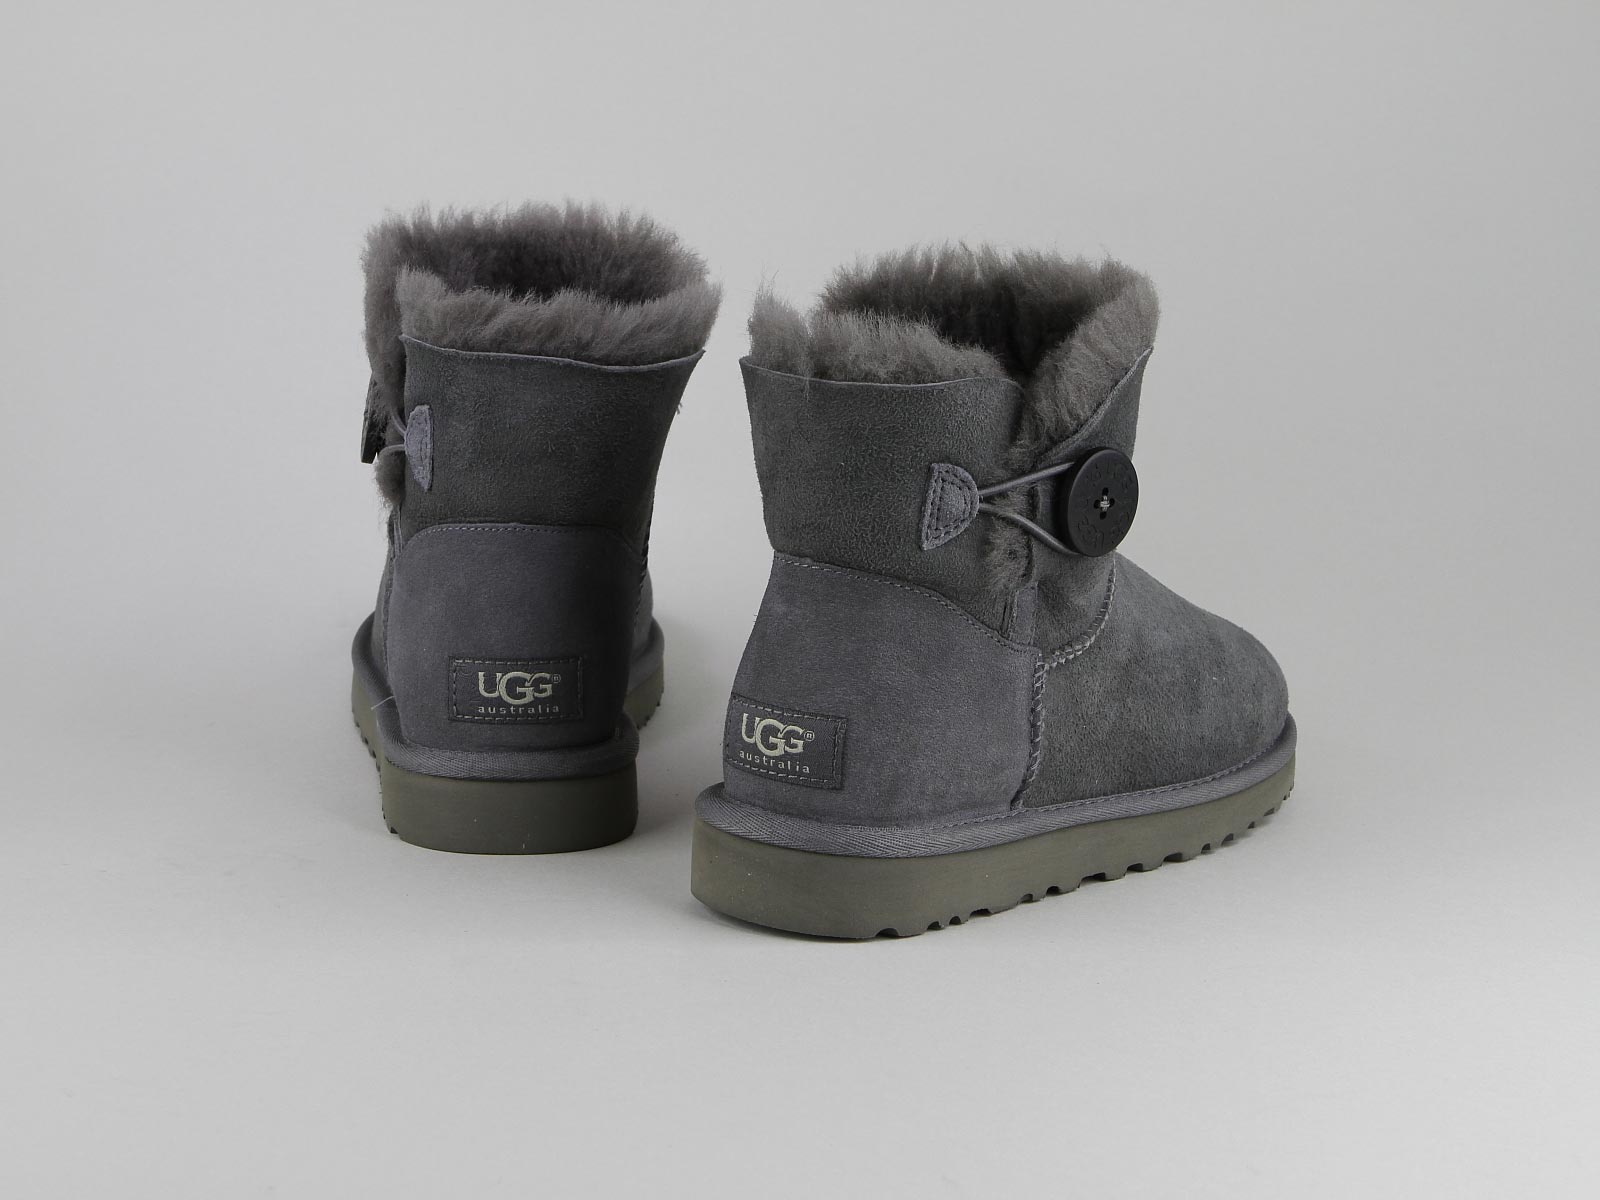 bottes ugg femme grise